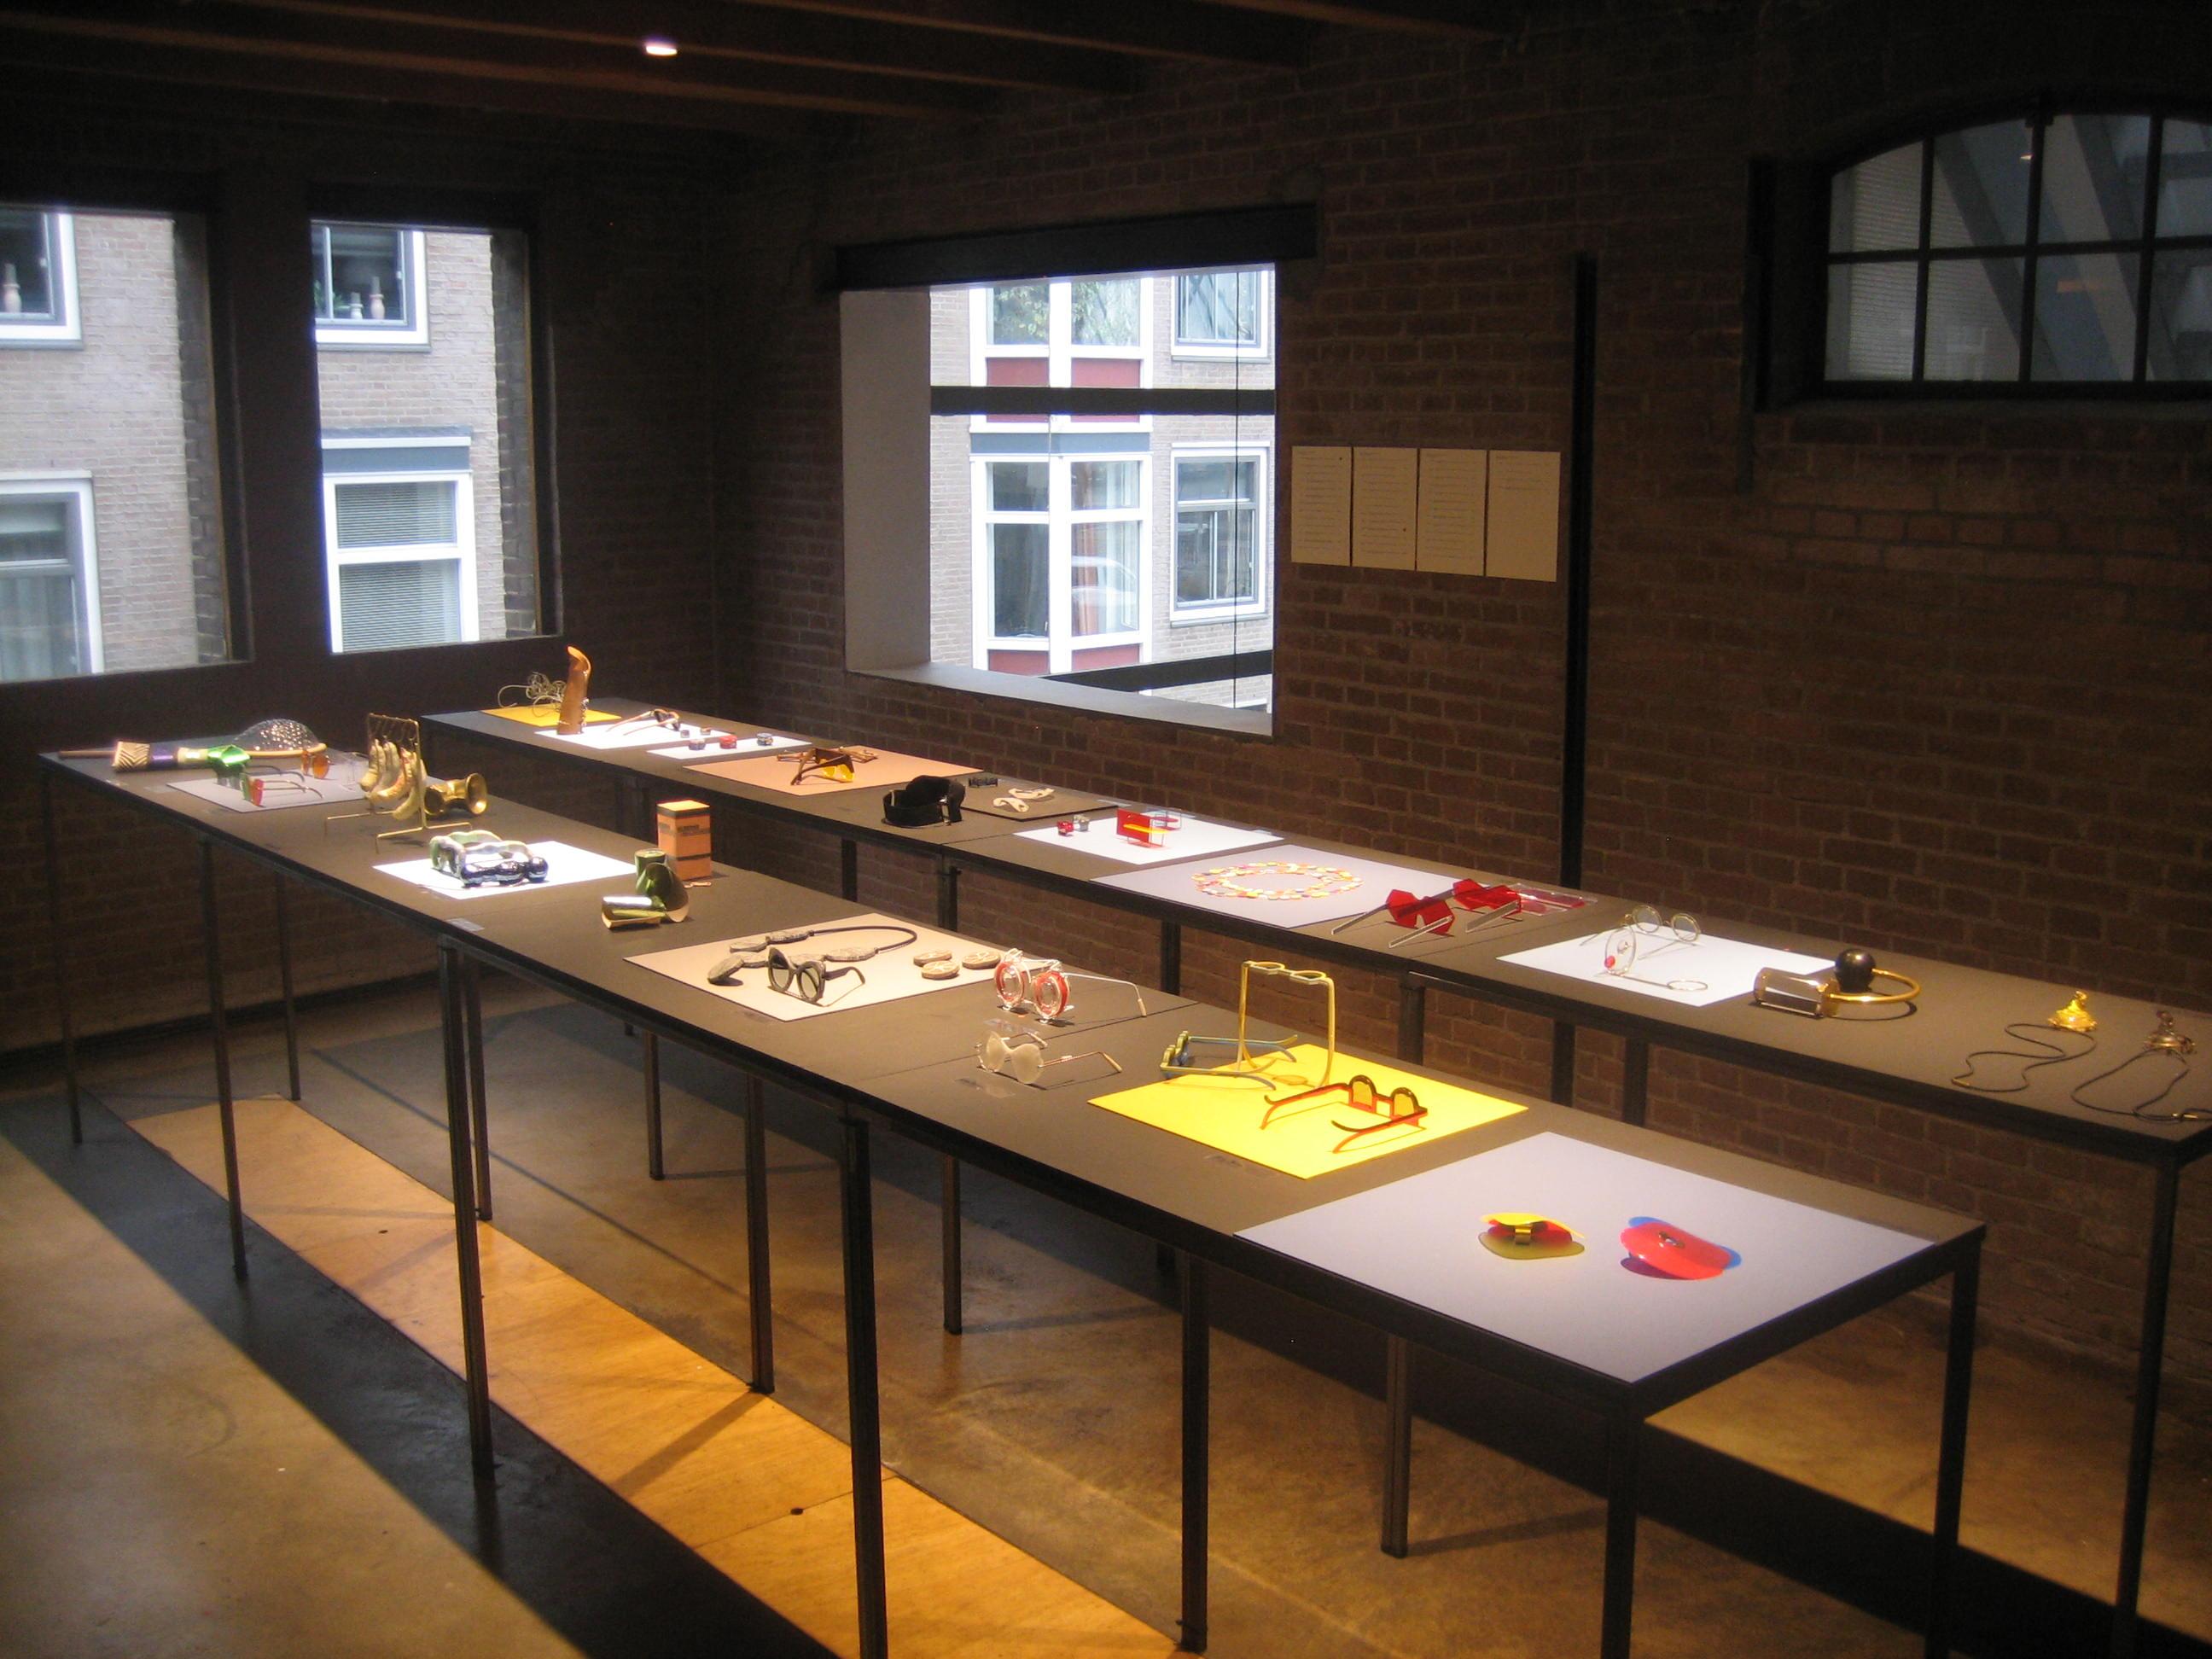 ARTEZ Hogeschool voor de Kunsten Arnhem, sieraden en brillen, Galerie Marzee. Foto Esther Doornbusch, 2 maart 2019, CC BY 4.0